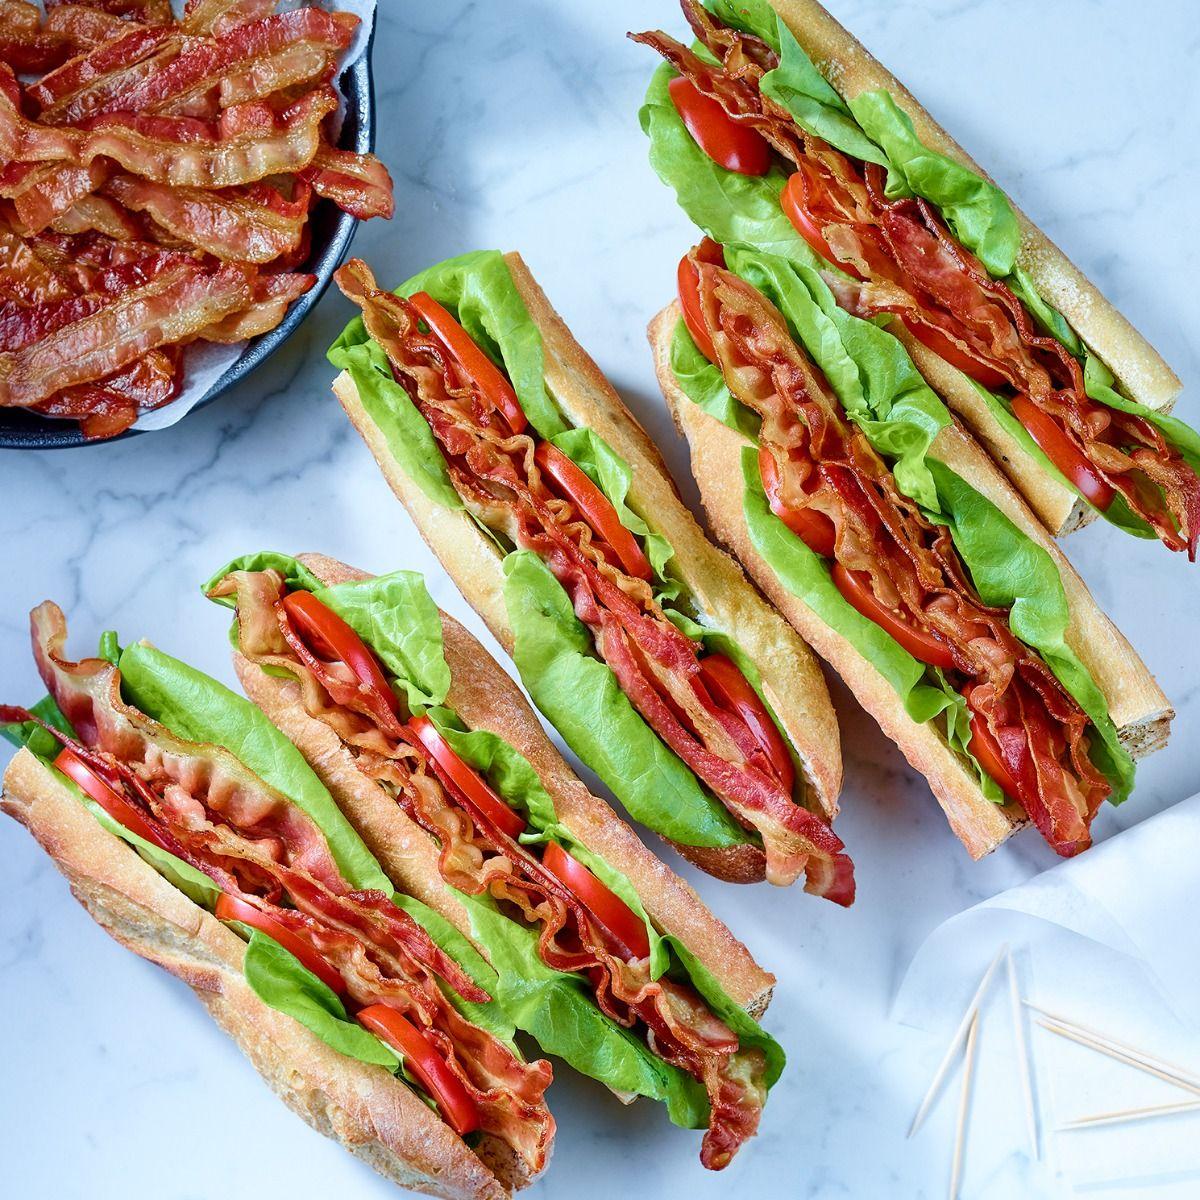 Partially cooked bacon (18-22 sl/lb)